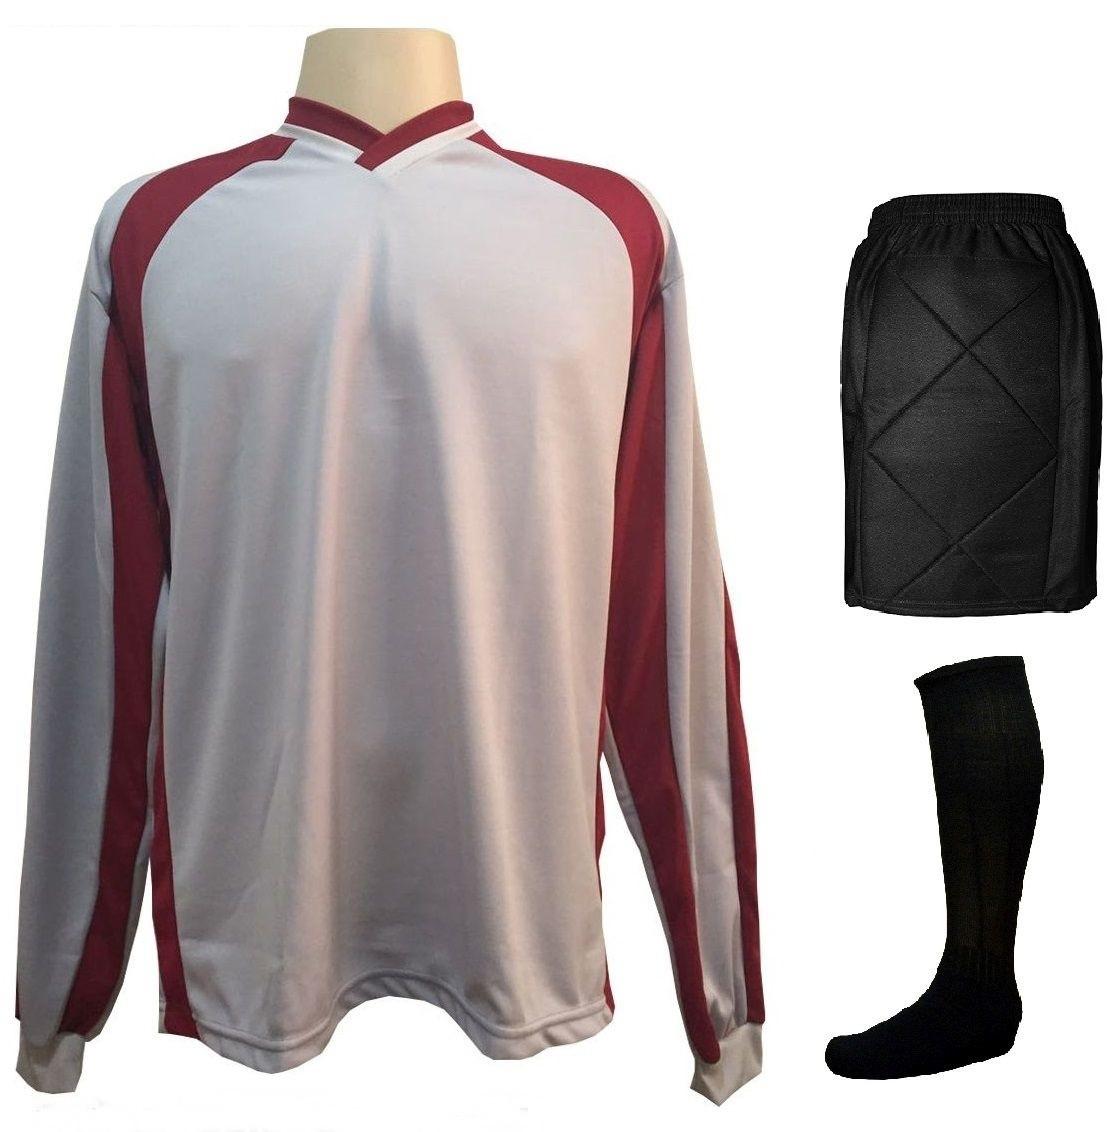 Uniforme Esportivo Completo modelo Suécia 14+1 (14 camisas Preto/Branco + 14 calções Madrid Preto + 14 pares de meiões Preto + 1 conjunto de goleiro) + Brindes